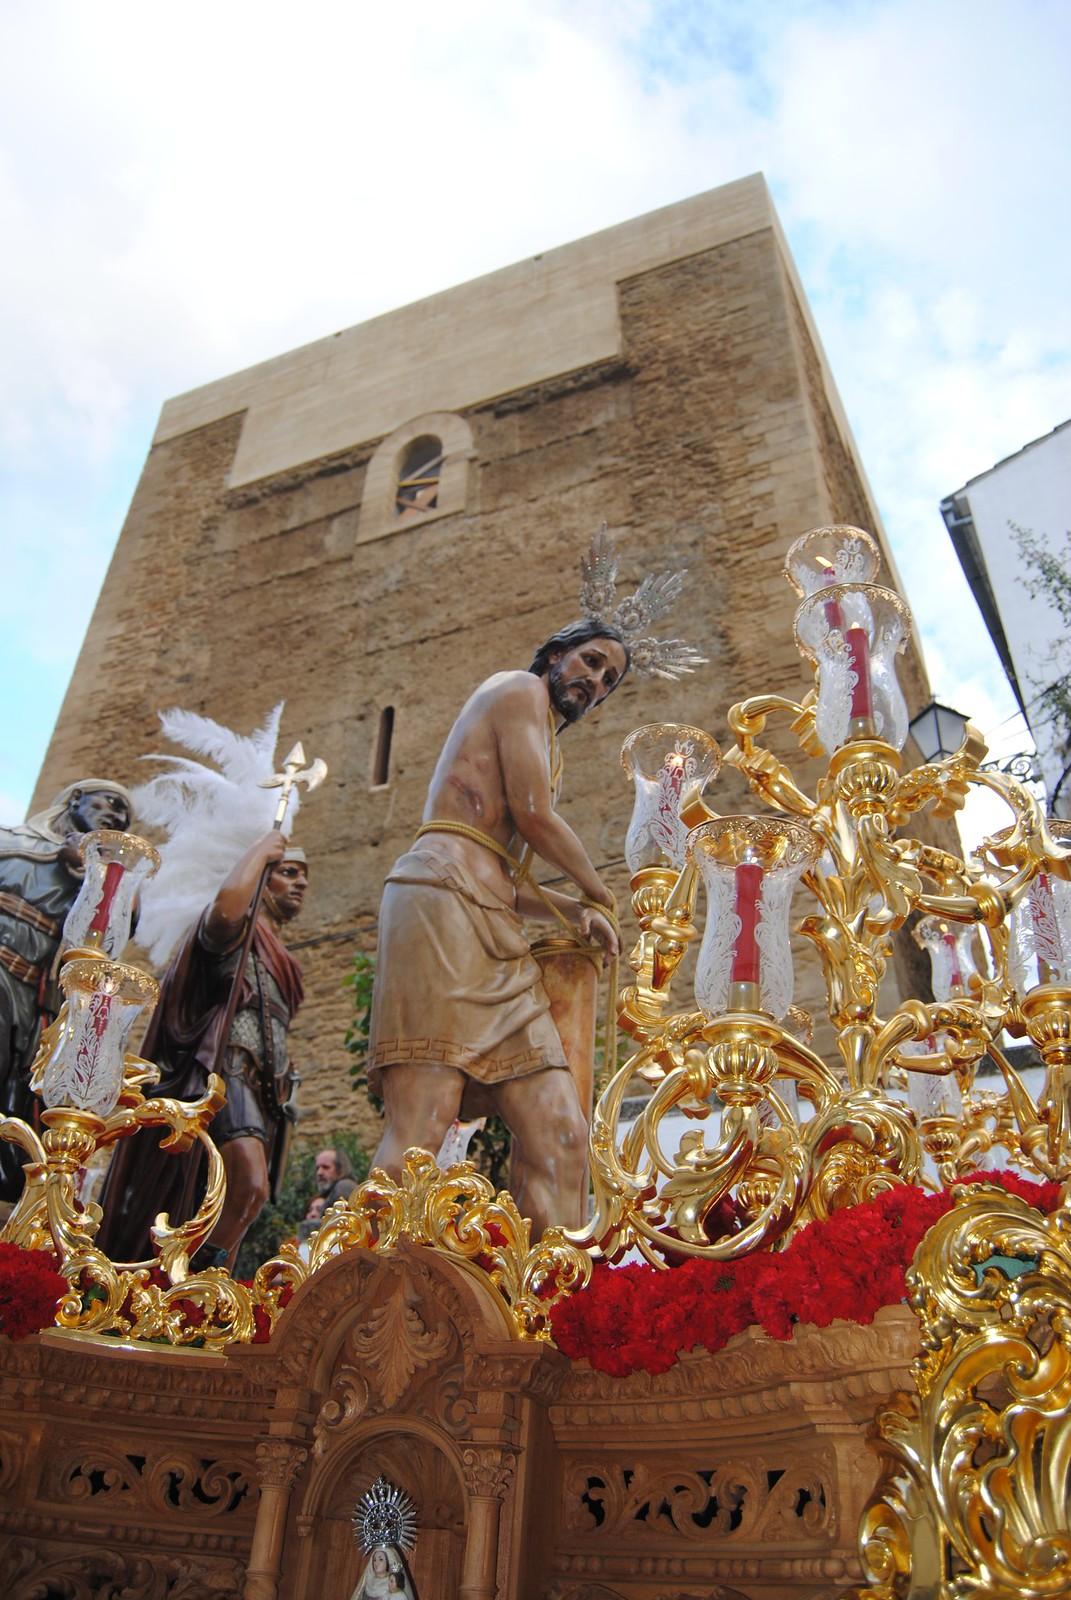 Jueves Santo. Amarrao a la Columna. El trono del Amarrao a la Columna porta al Cristo, el sayón y el romano. Aquí lo vemos pasando bajo la imponente Torre del Homenaje. FOTO: ÁNGEL MEDINA LAÍN